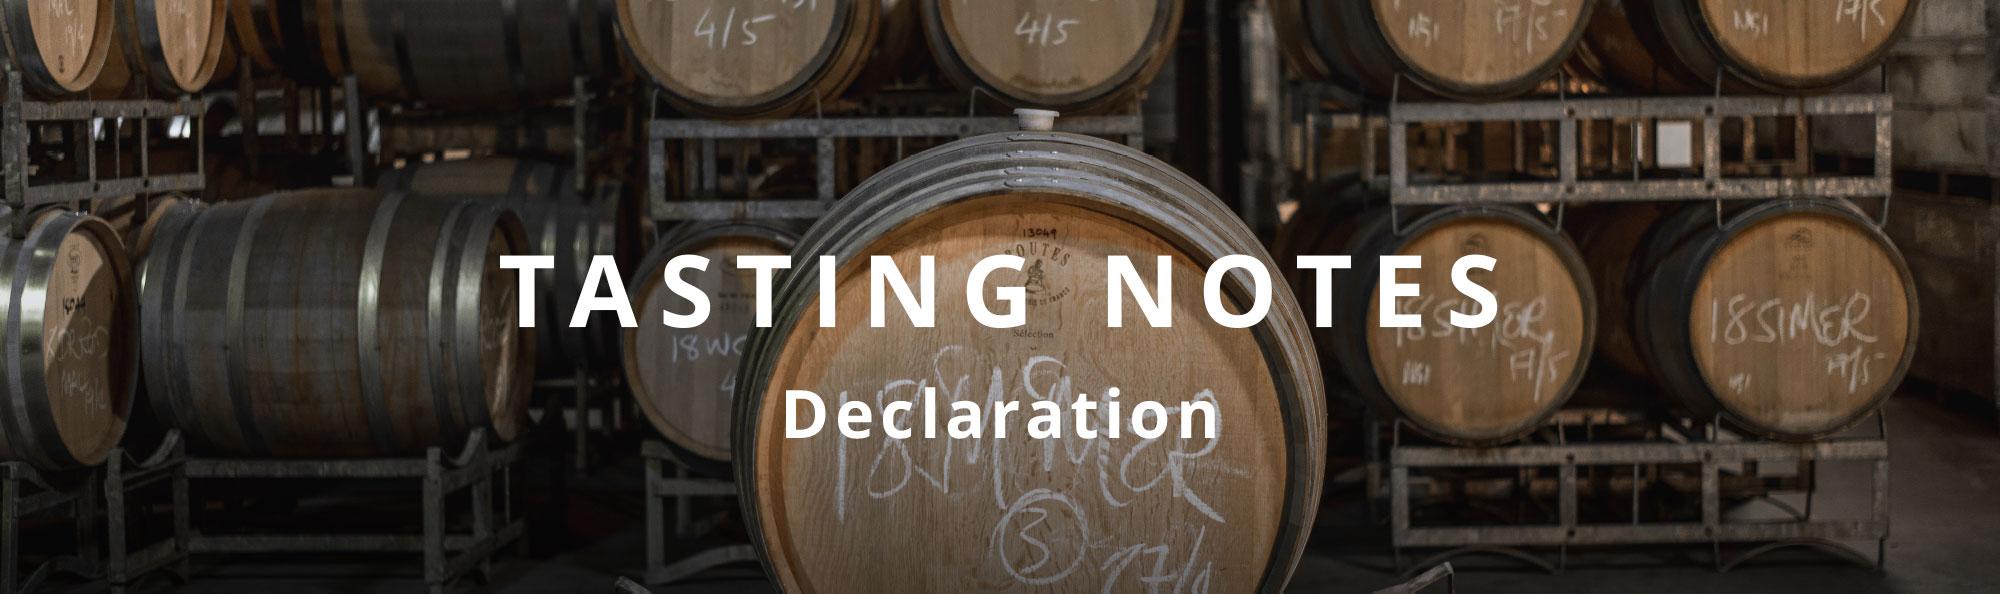 tastingnotes-declaration.jpg